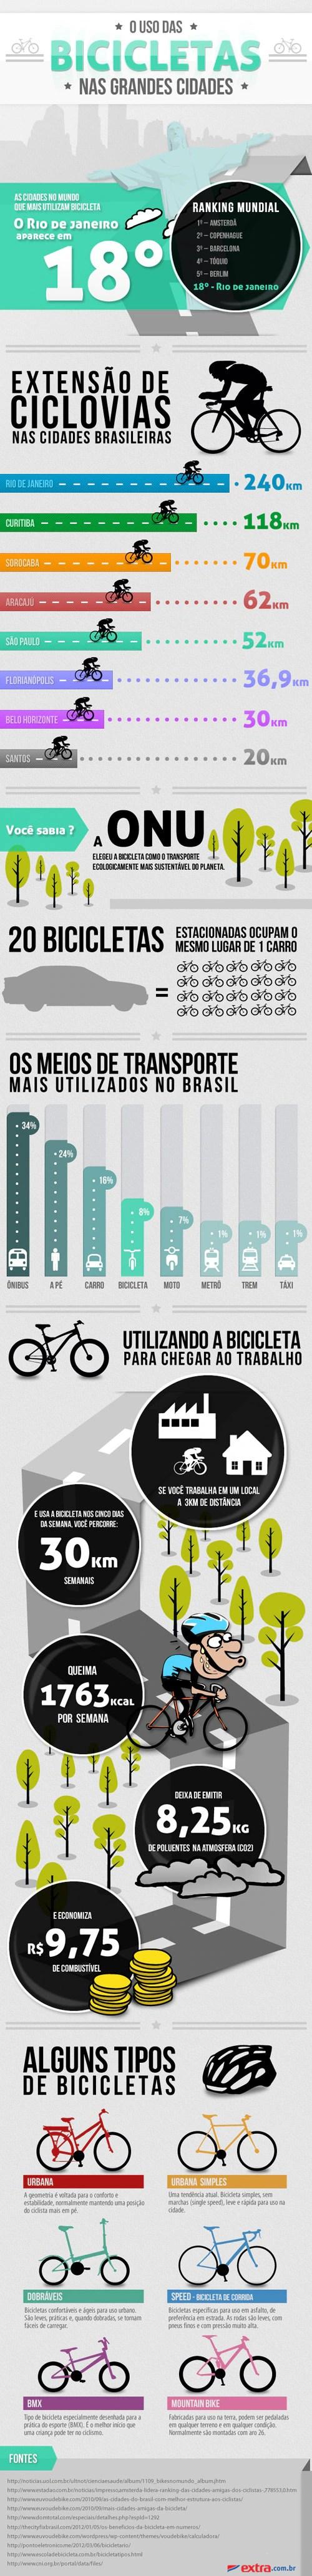 O uso das bicicletas nas grandes cidades